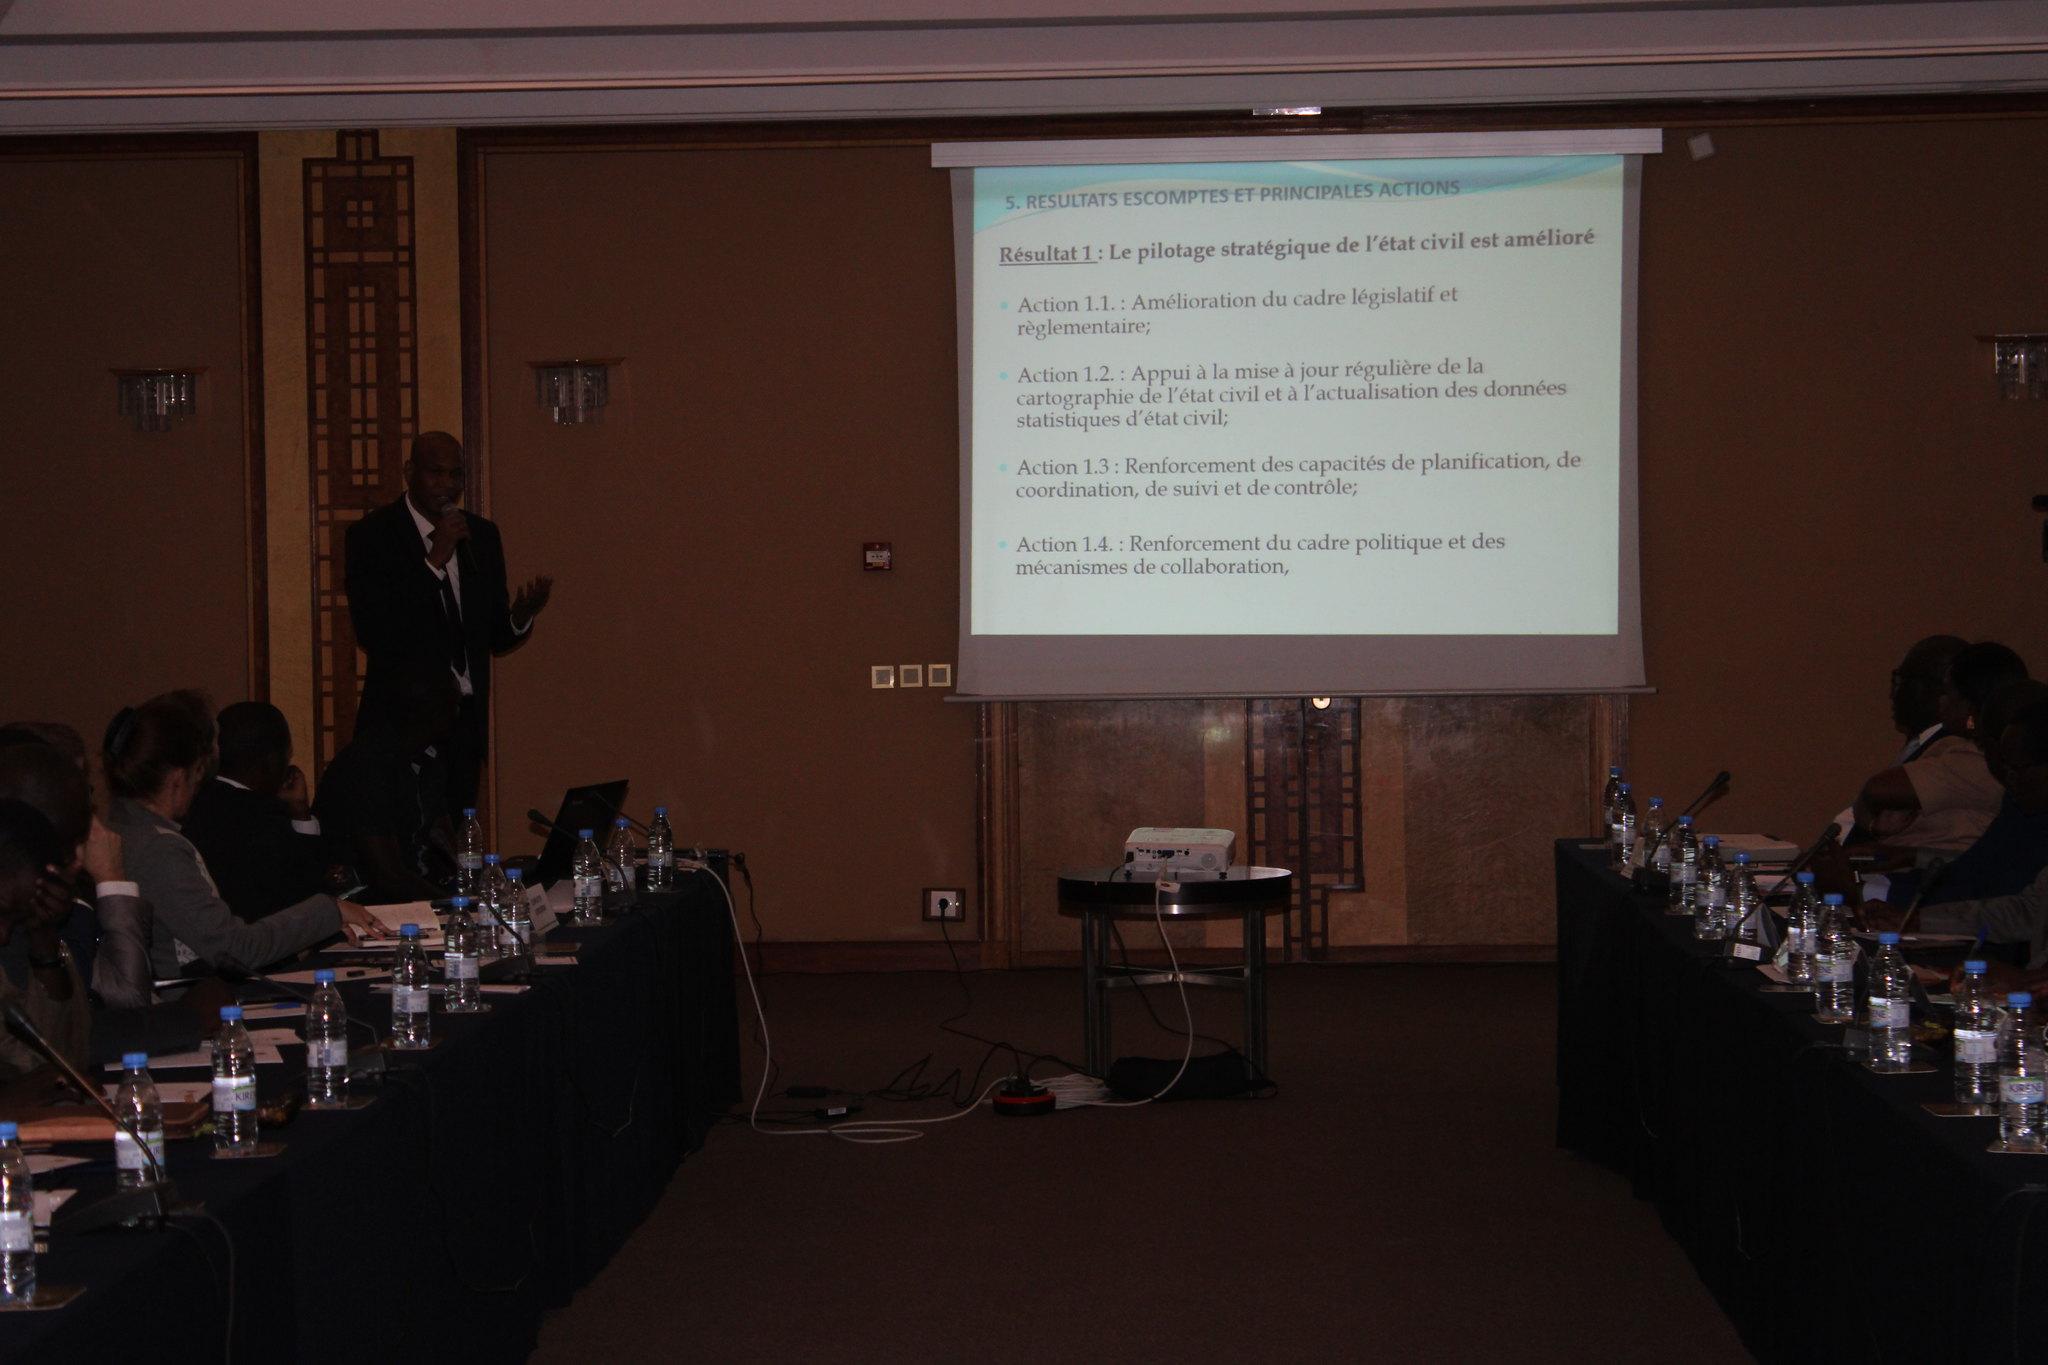 Programme Direction Etat Civil, Modernisation de l'Etat Civil au Sénégal, Aliou Ousmane Sall Directeur de l'Etat Civil Sénégal (13)